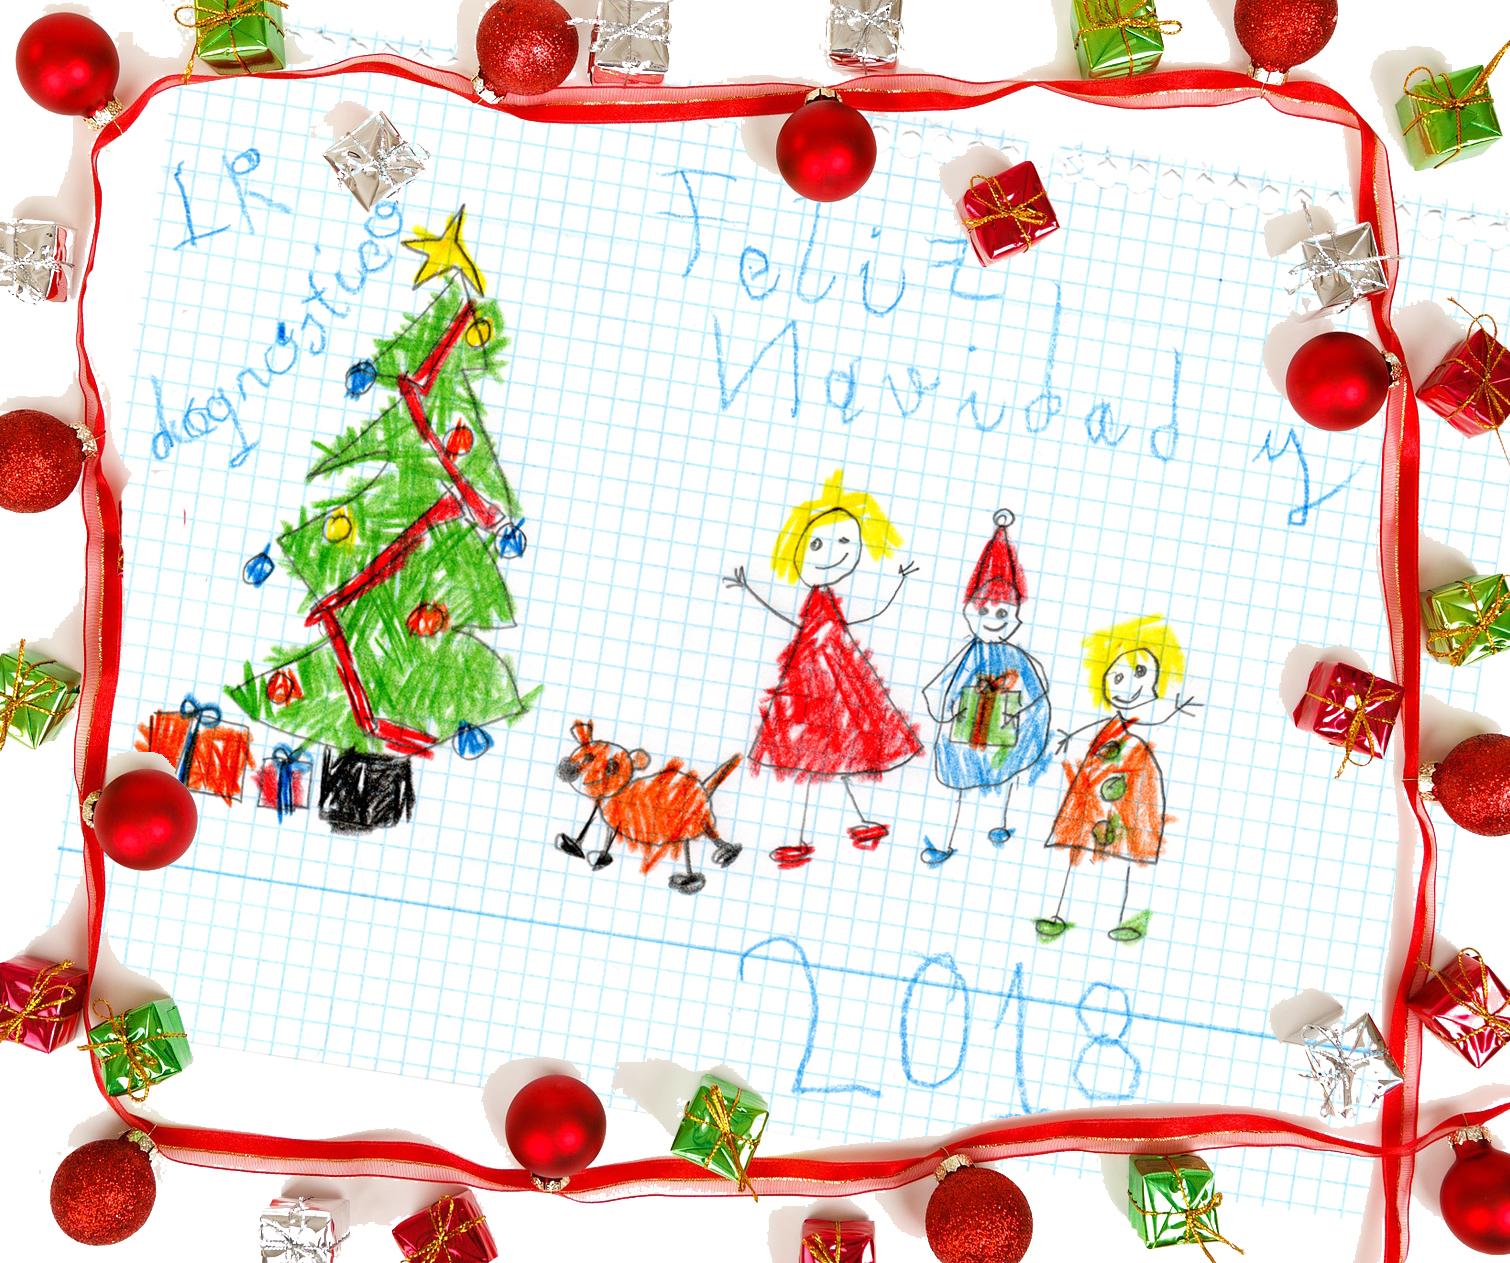 Feliz Navidad Siempre Asi.Feliz Navidad Y Prospero 2018 Lr Diagnostico